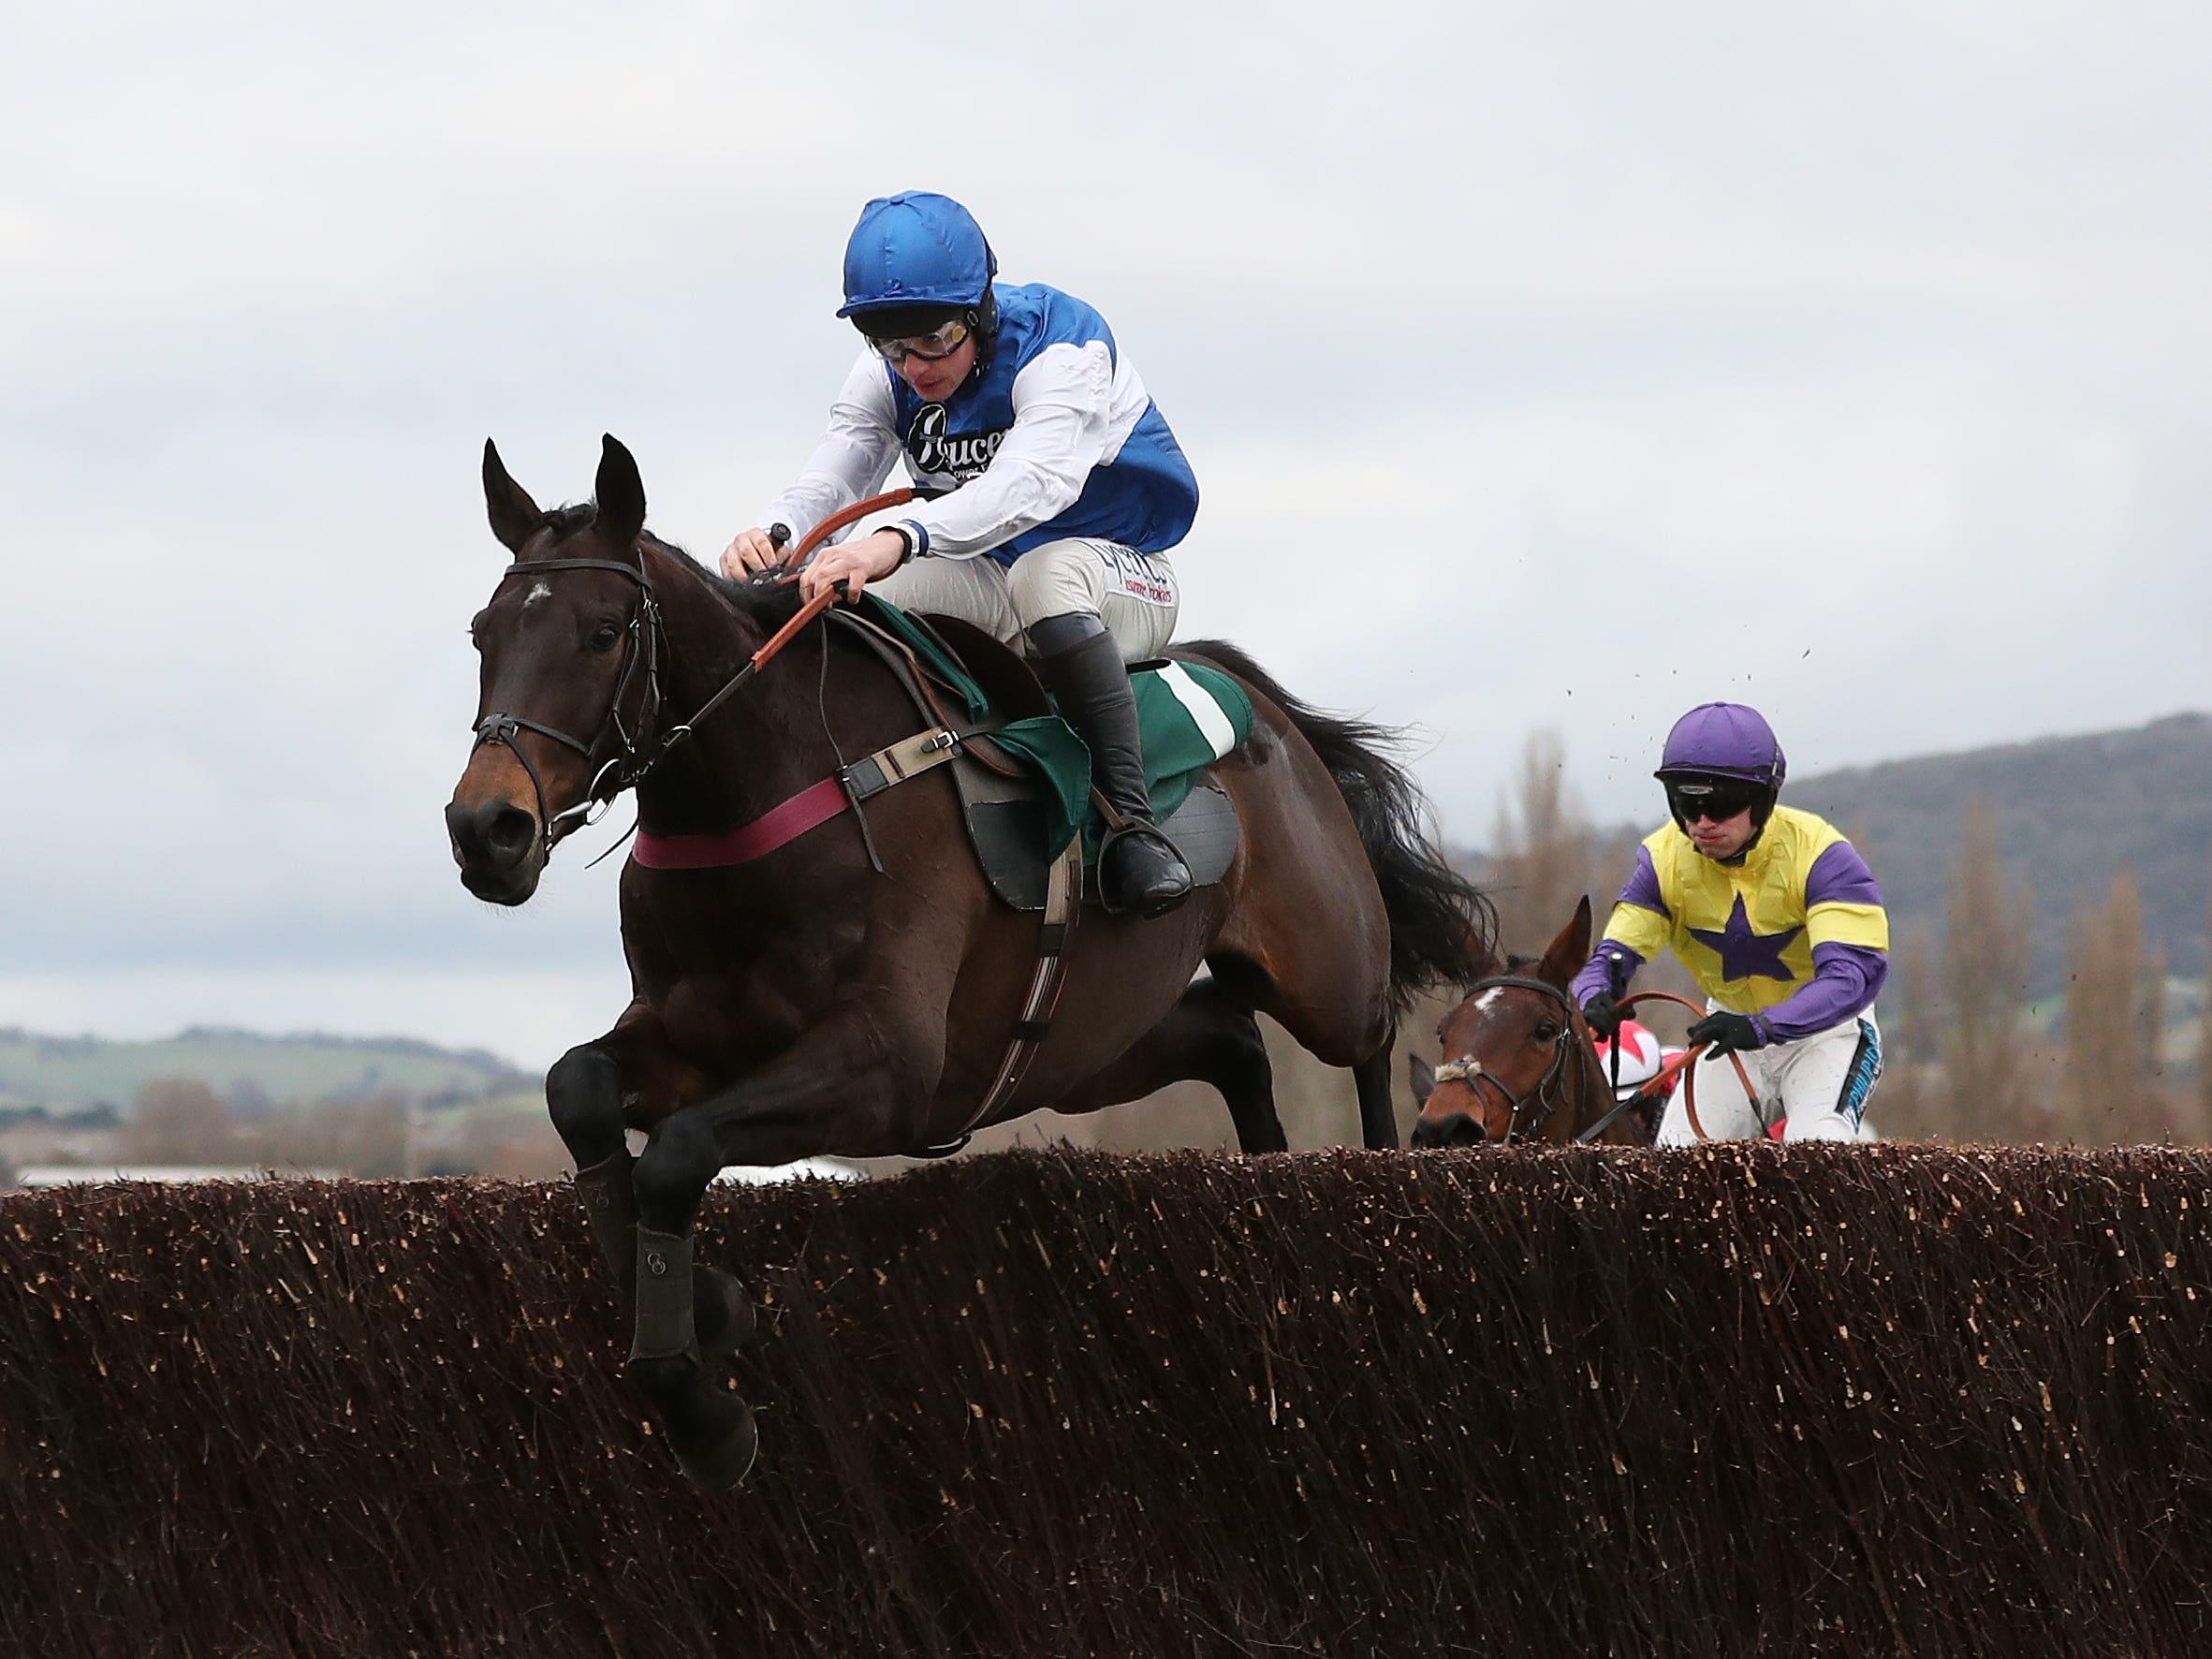 Aso on his way to winning at Cheltenham (David Davies/PA)